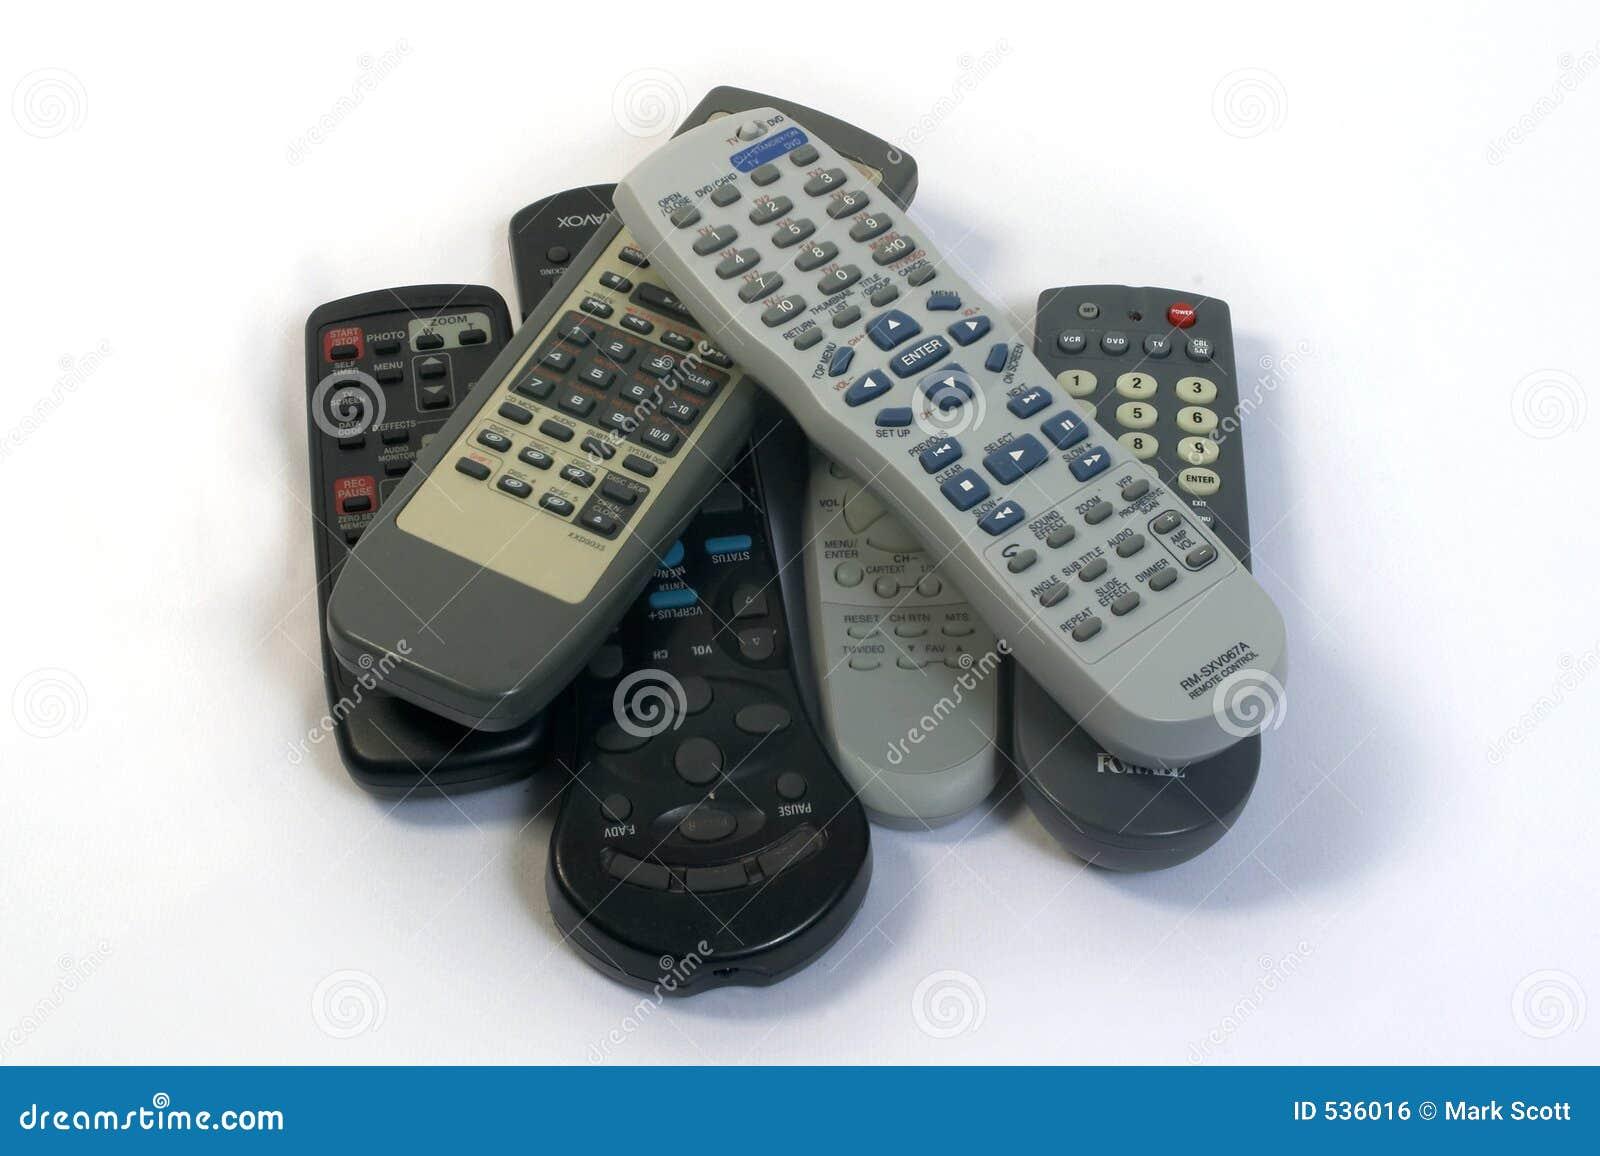 Telecontroles demais